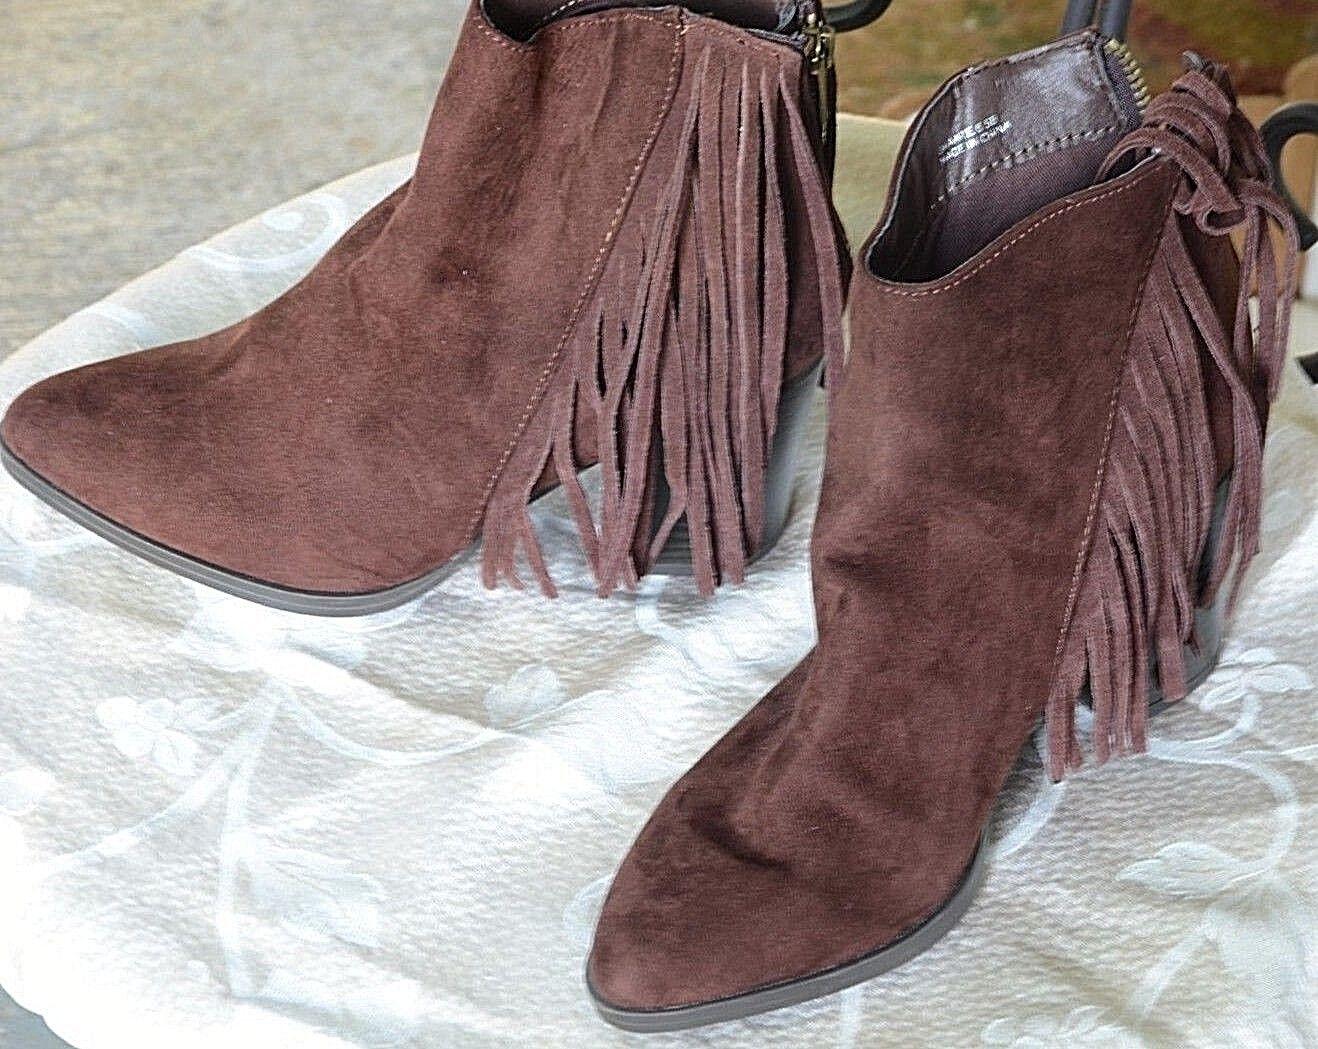 Madden girl brown suede fringe zip booties size 6.5 B